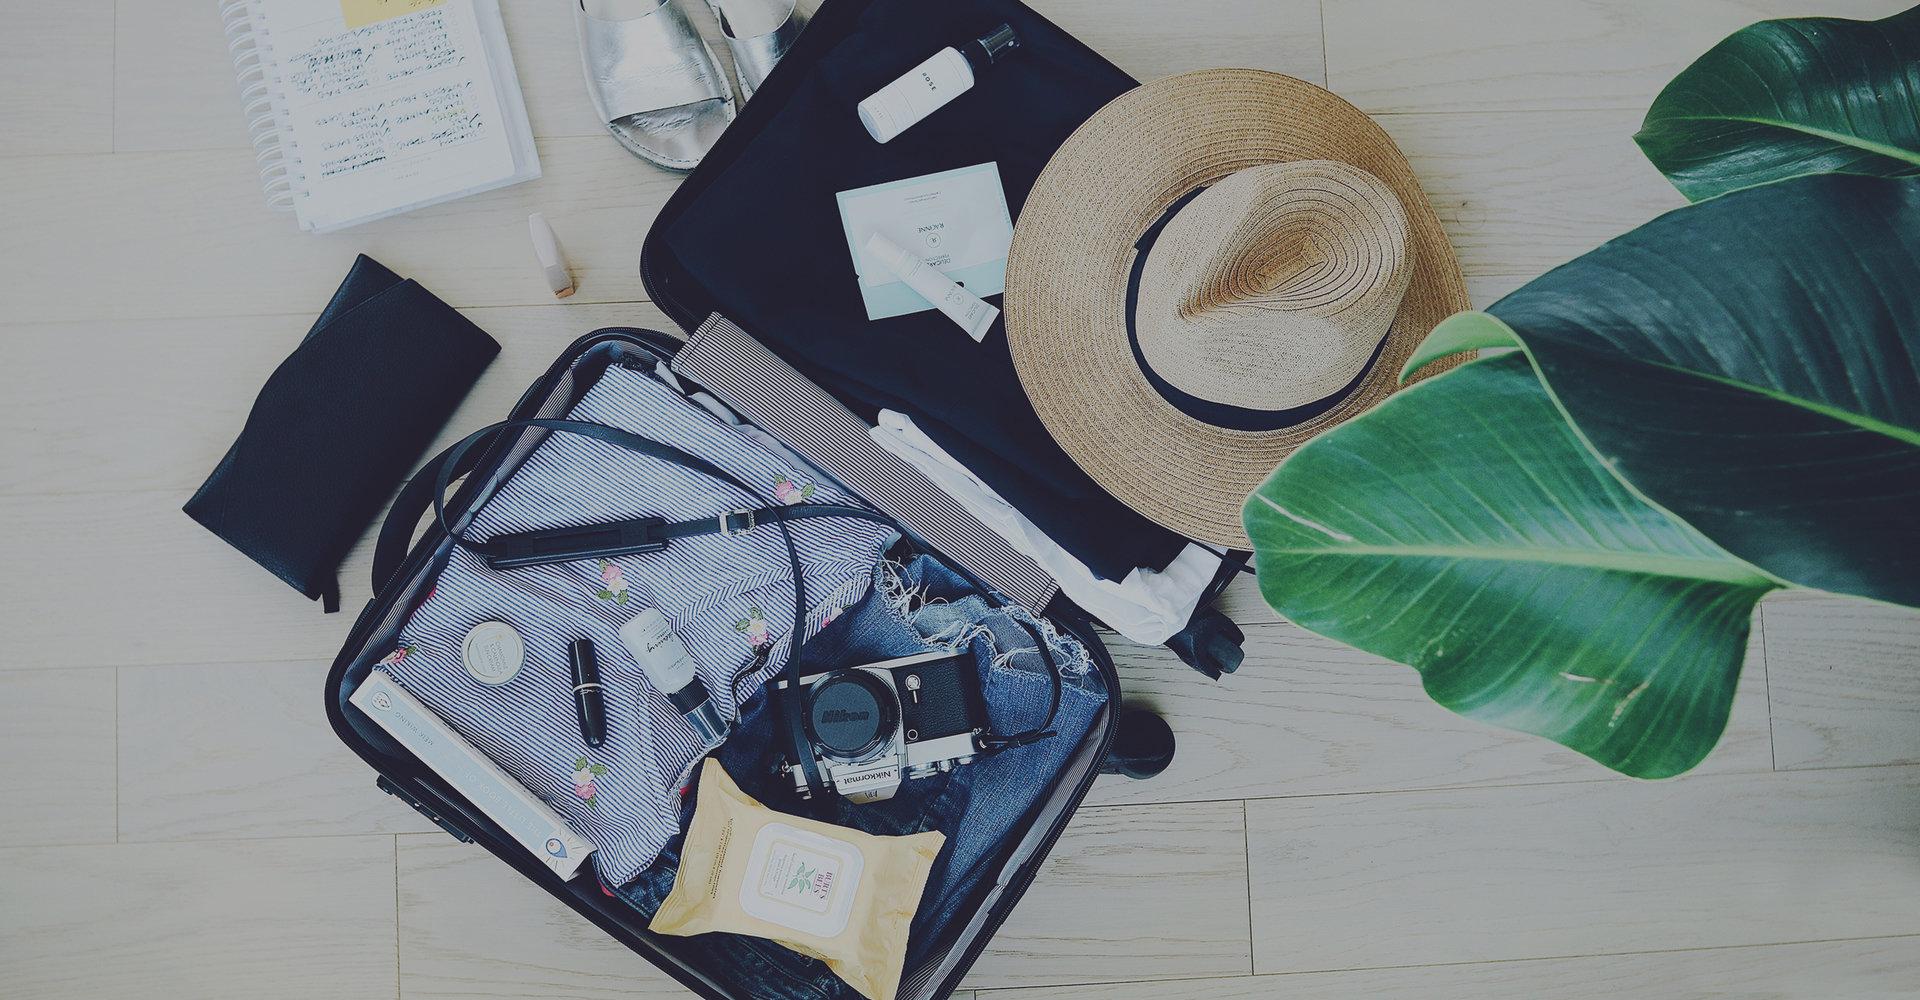 Przygotuj się na długi weekend: skuteczny marketing w branży turystycznej